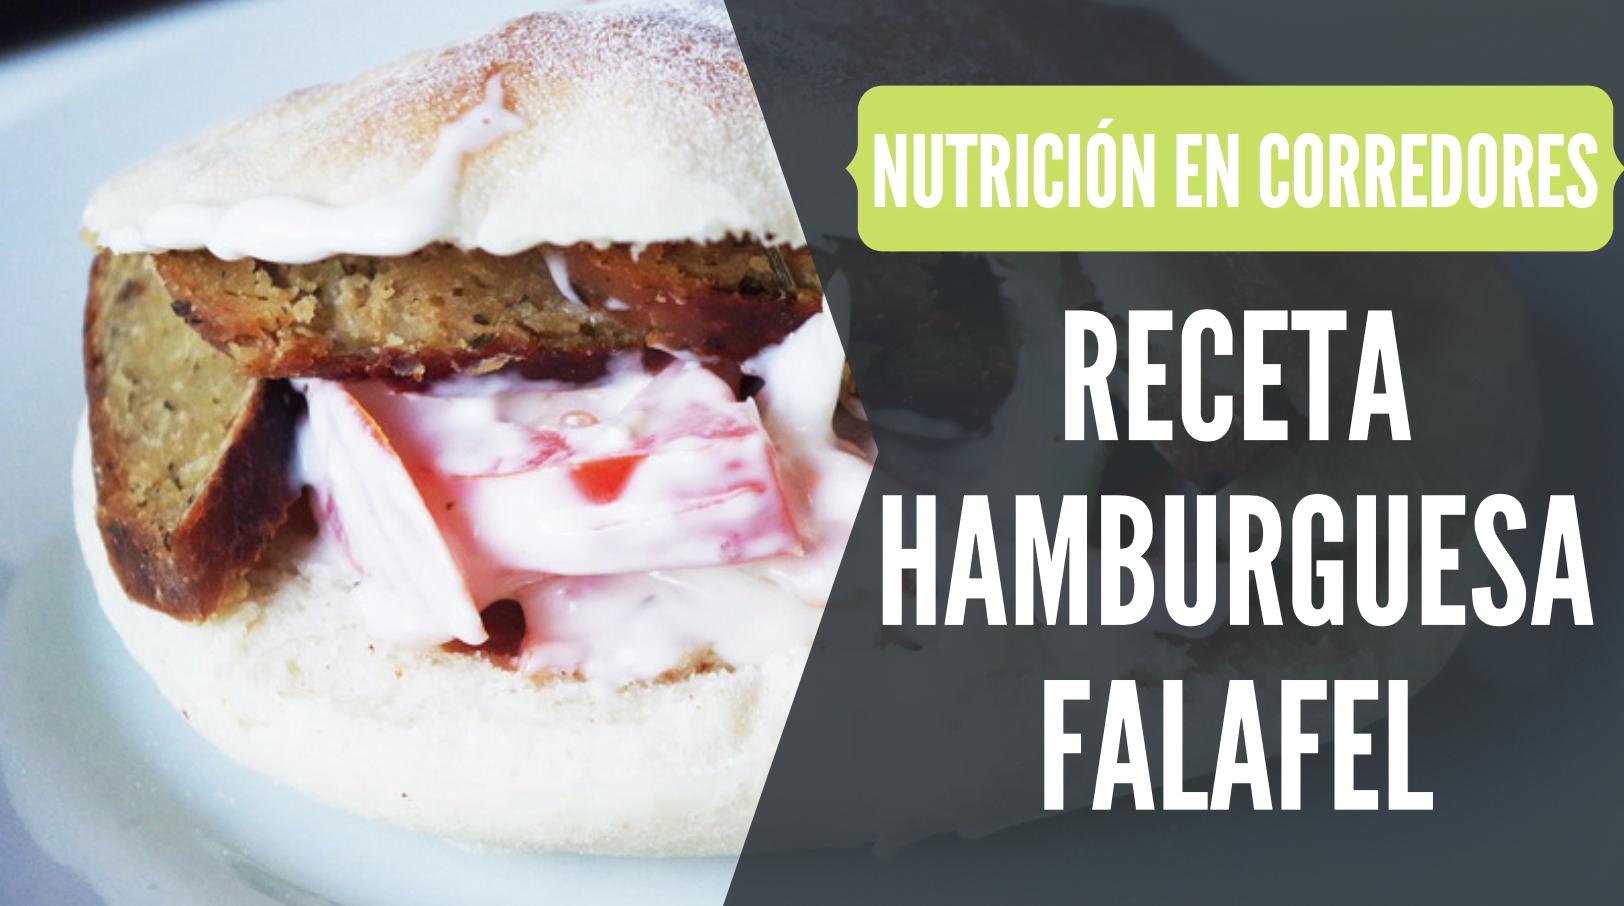 receta hamburguesa falafel